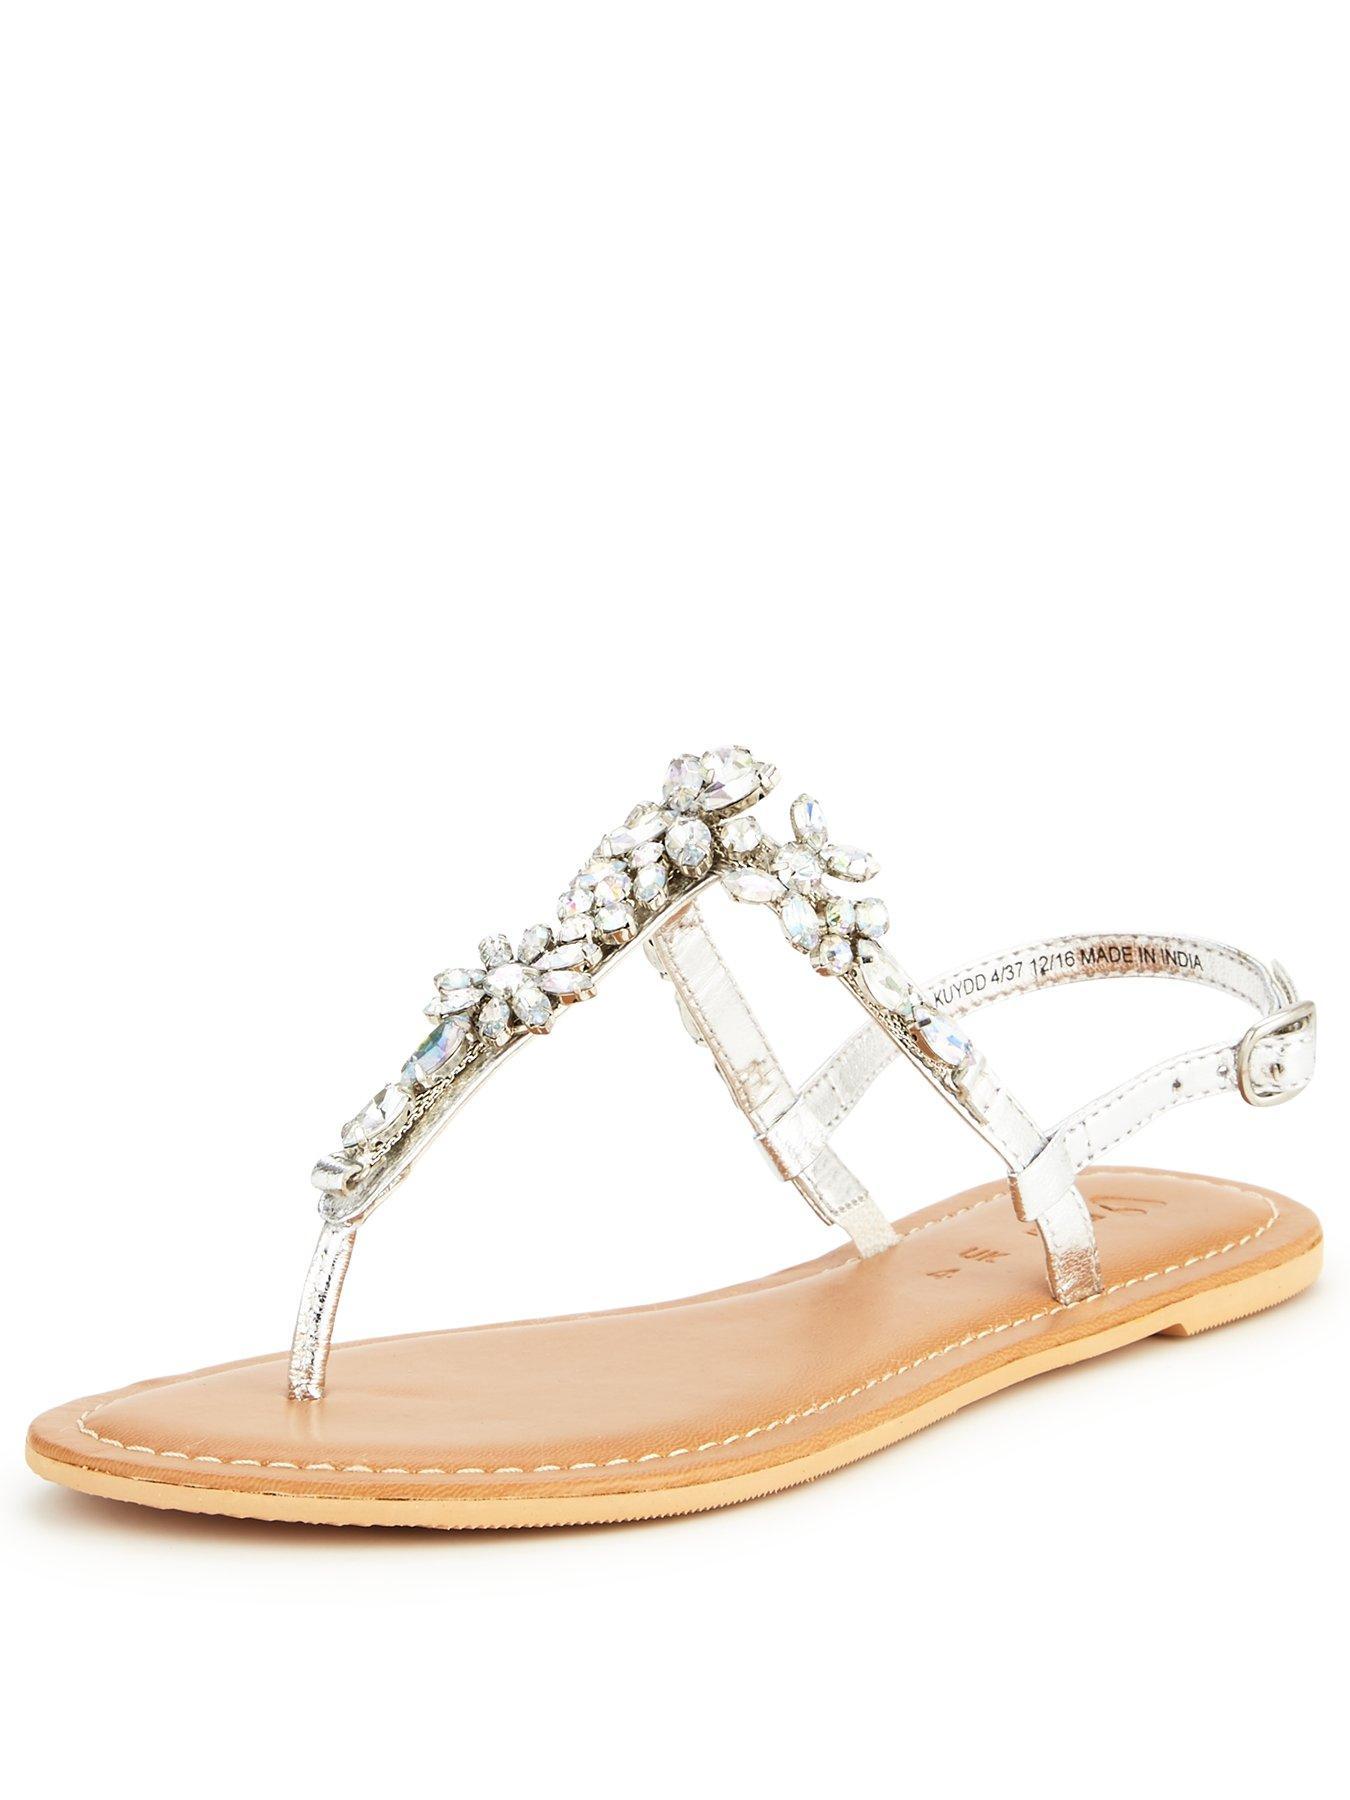 Black sandals littlewoods - Embellished Sandals 35 Shop Here